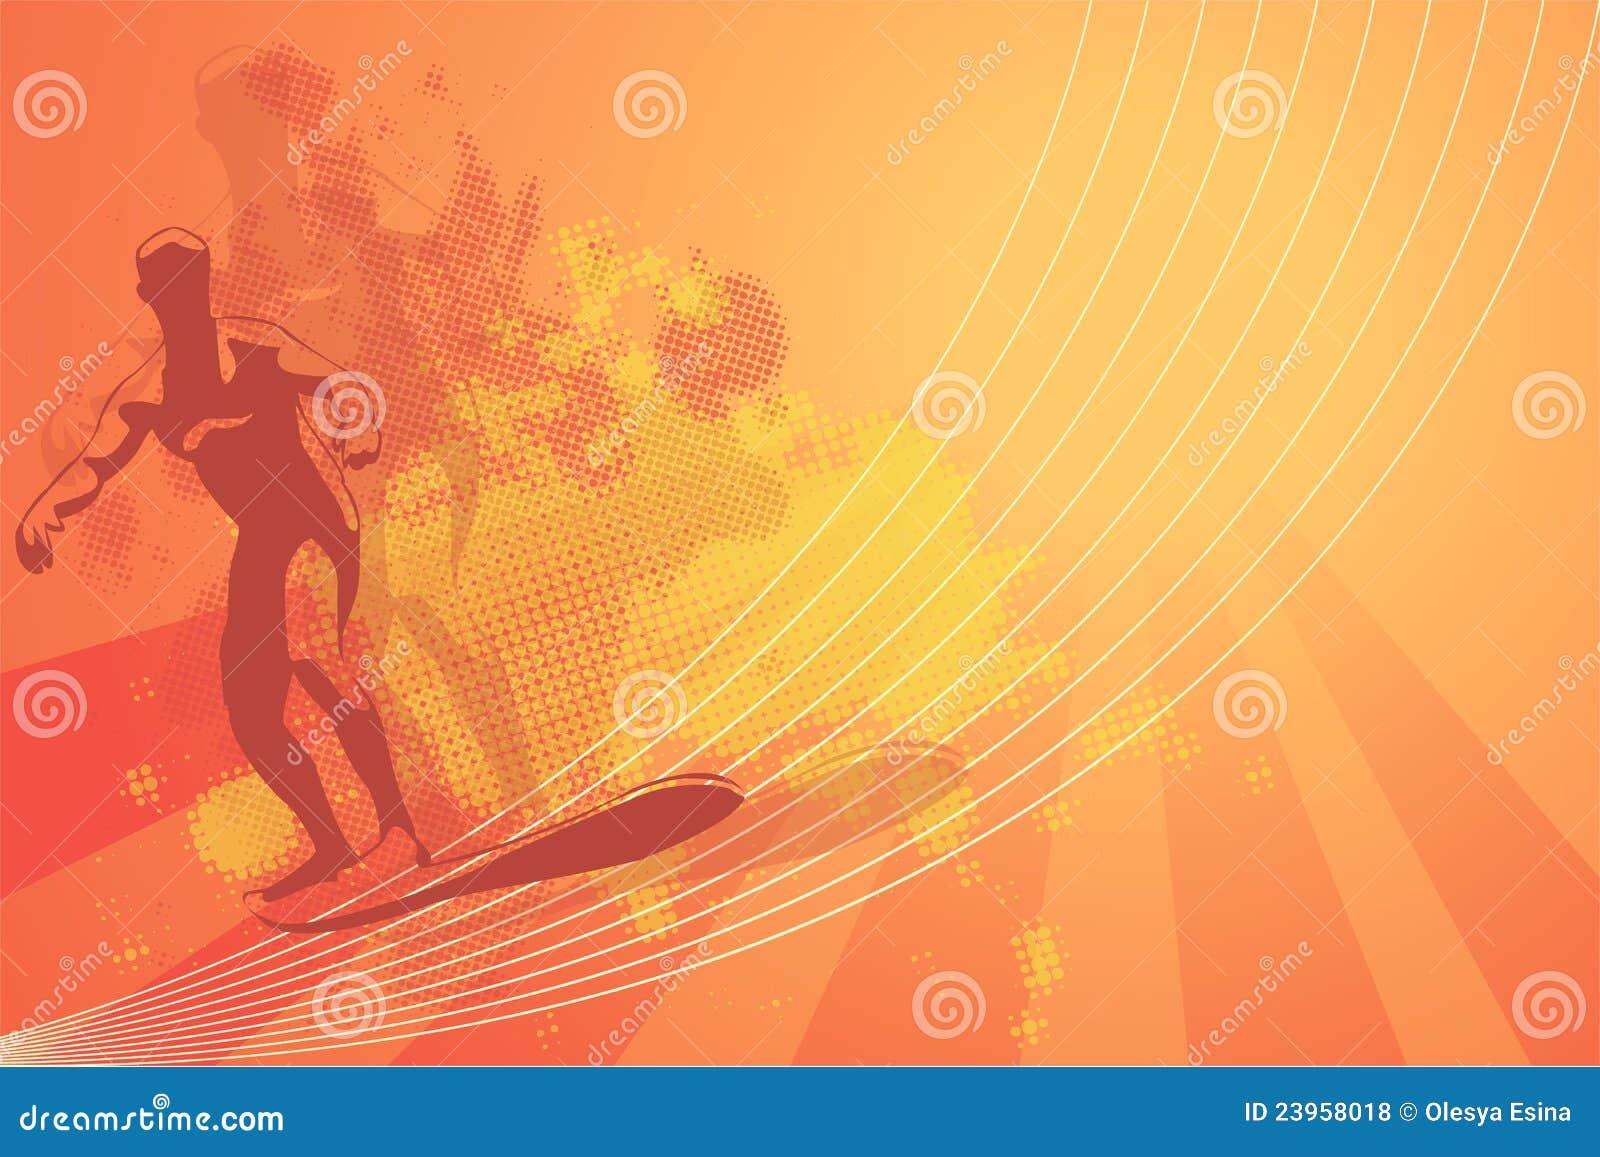 orange background free stock - photo #6